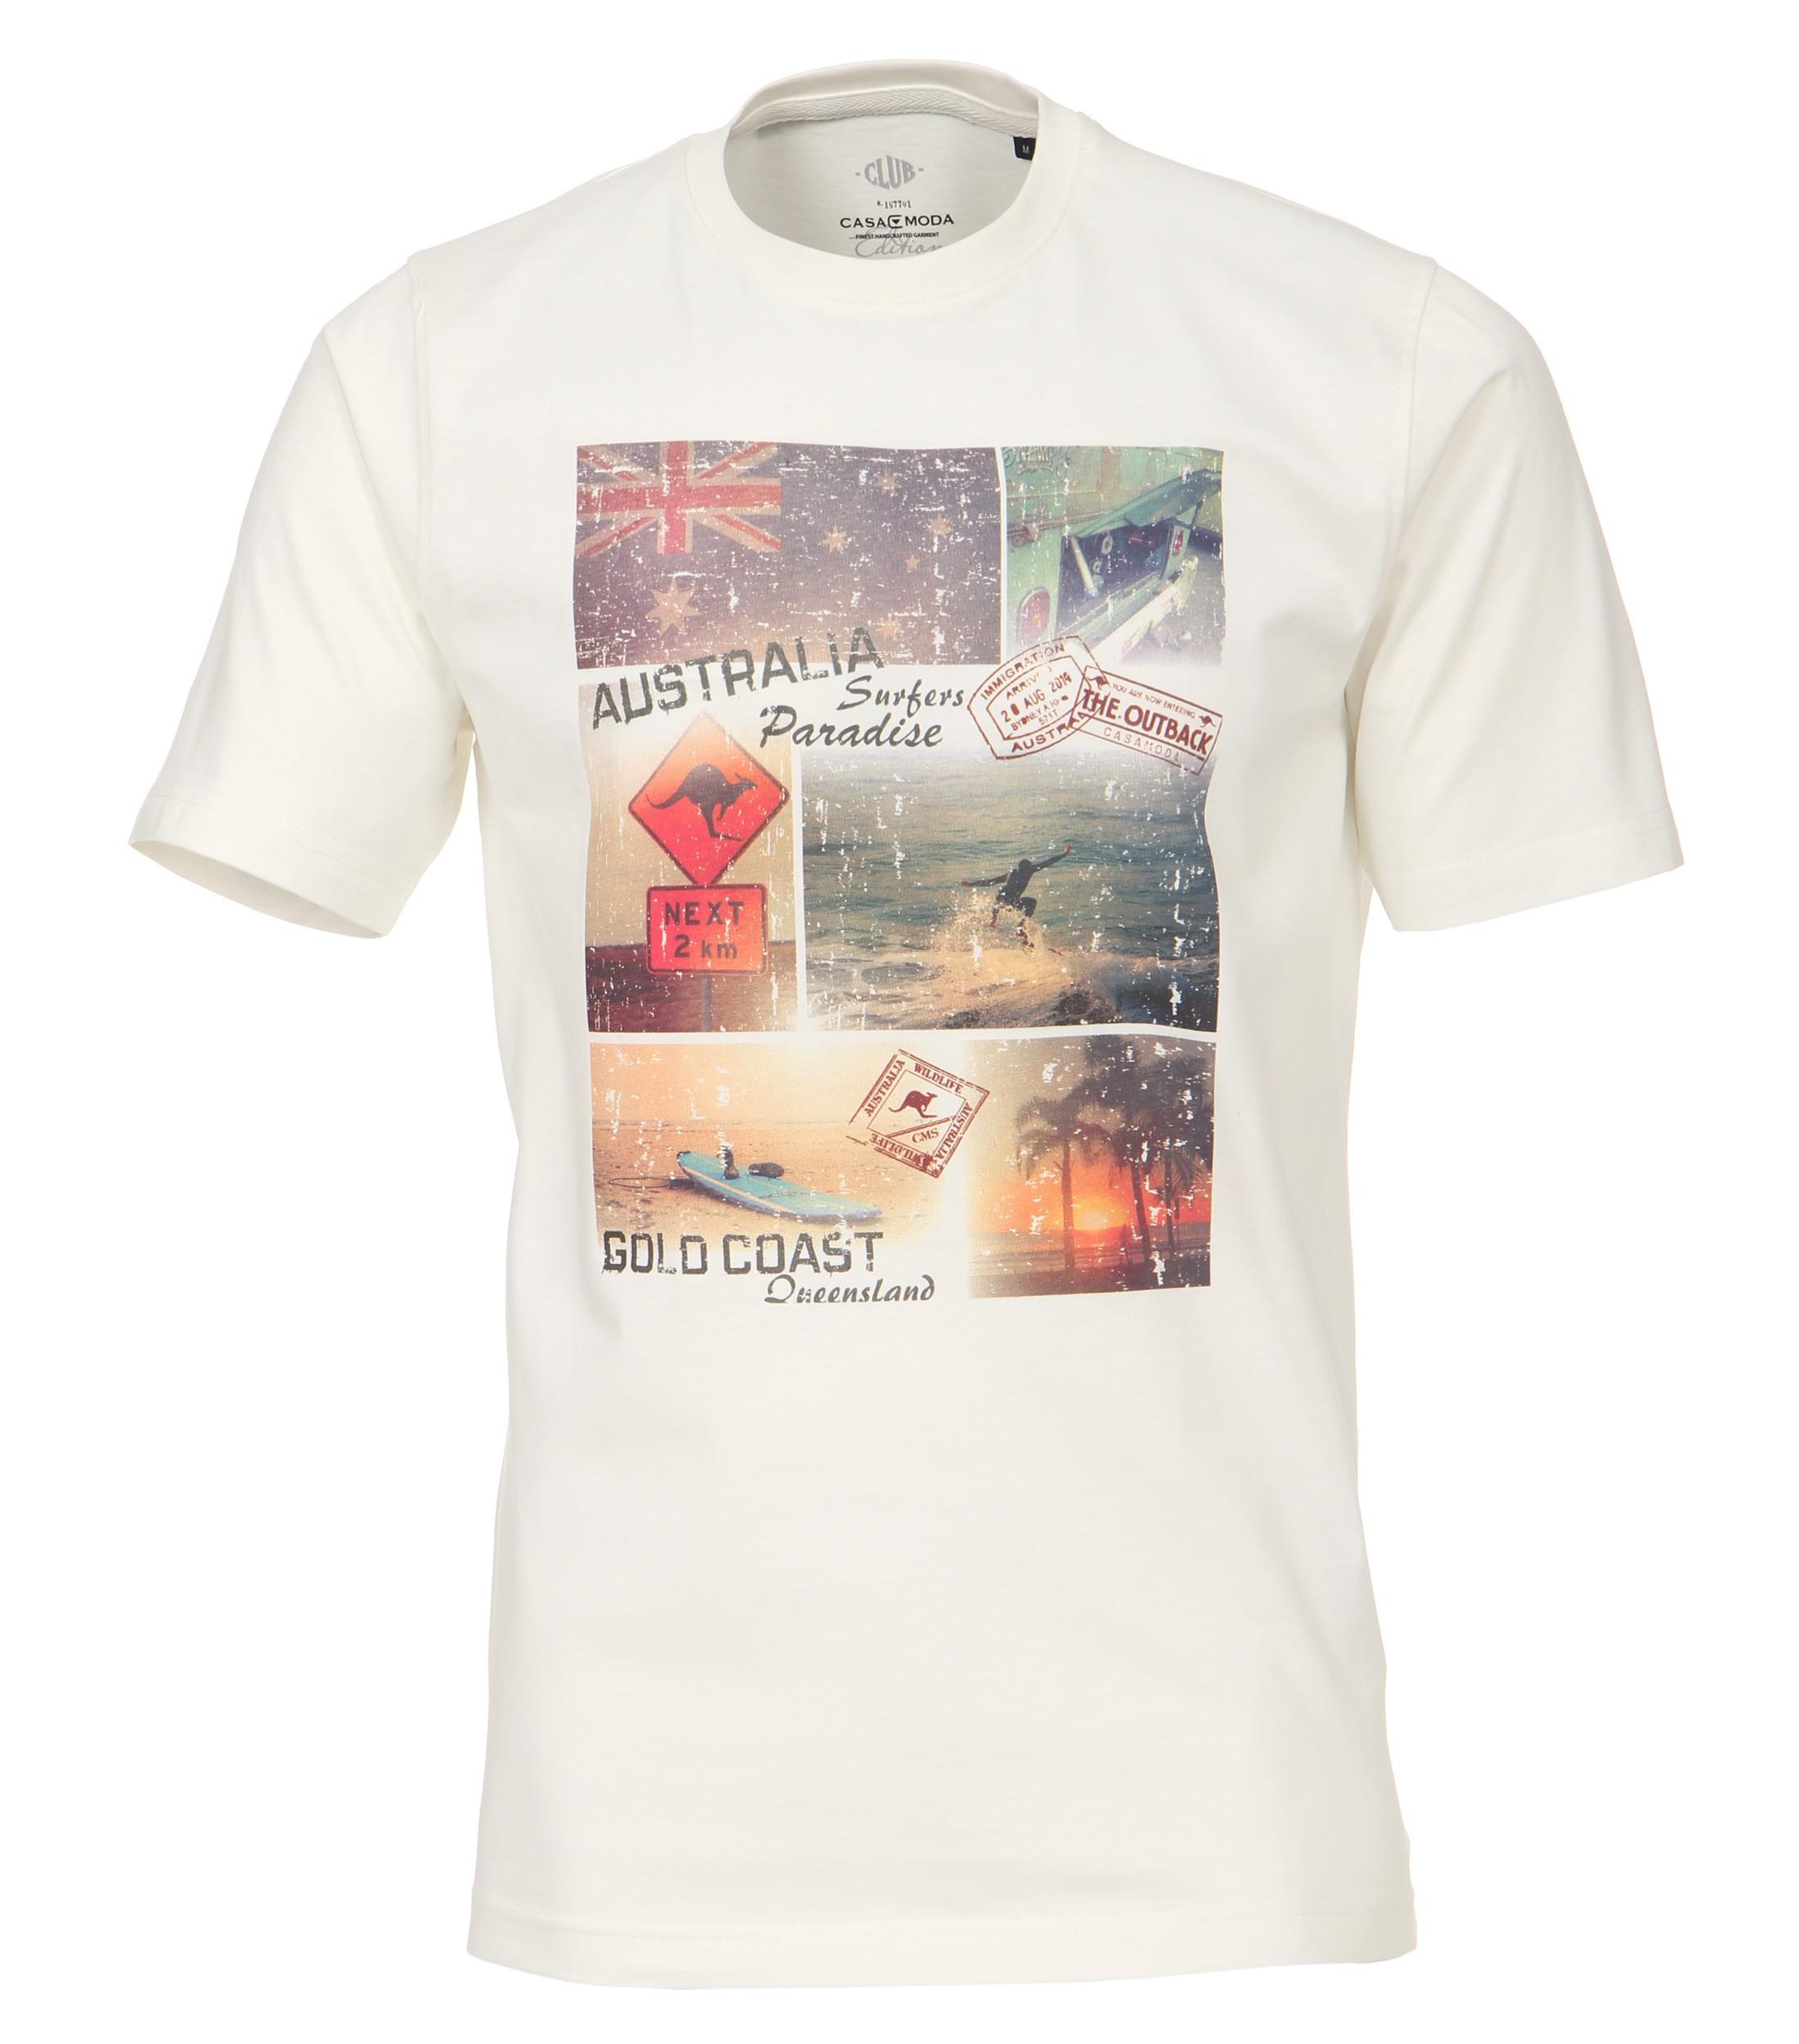 Gebroken wit T-shirt van Casa Moda met leuke print. Het shirt is gemaakt van een zachte stof voor een optimaal draagcomfort. Dit shirt is ideaal te combineren met diverse soorten jeans en shorts. Erg leuk voor de zomer.